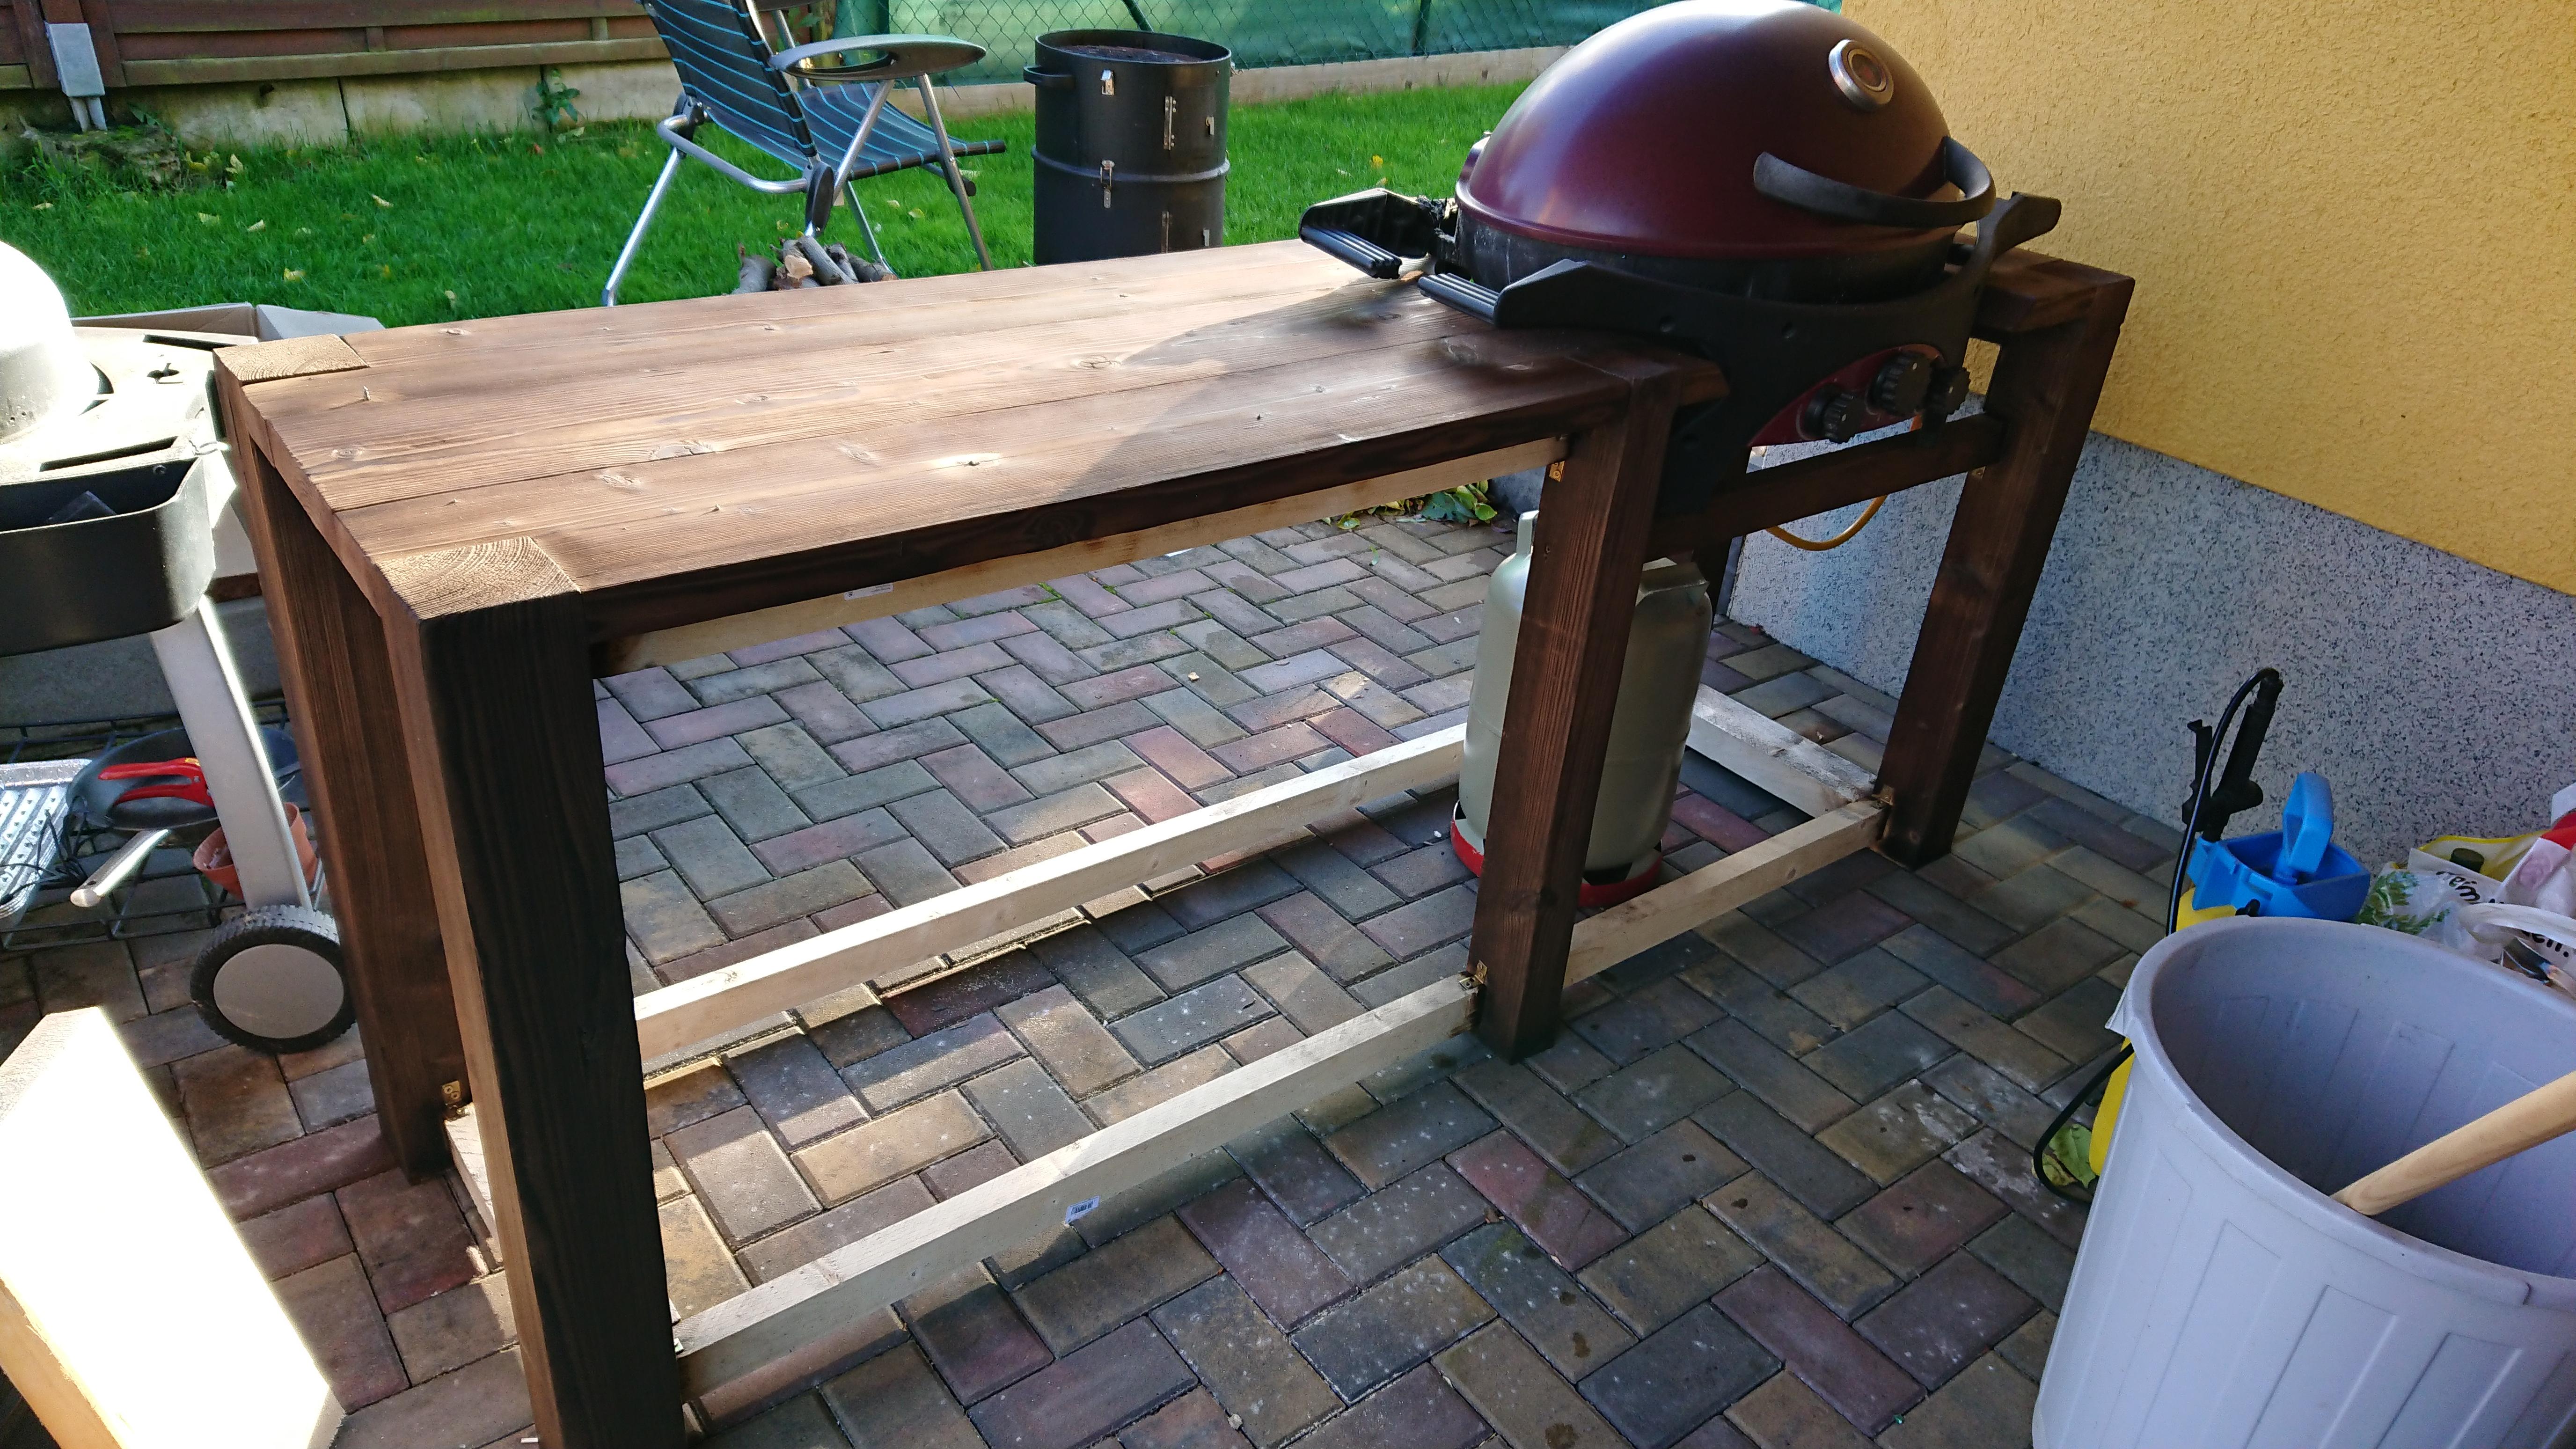 Dach Für Außenküche : Außenküche sinnvolle utensilien ausstattung grillforum und bbq